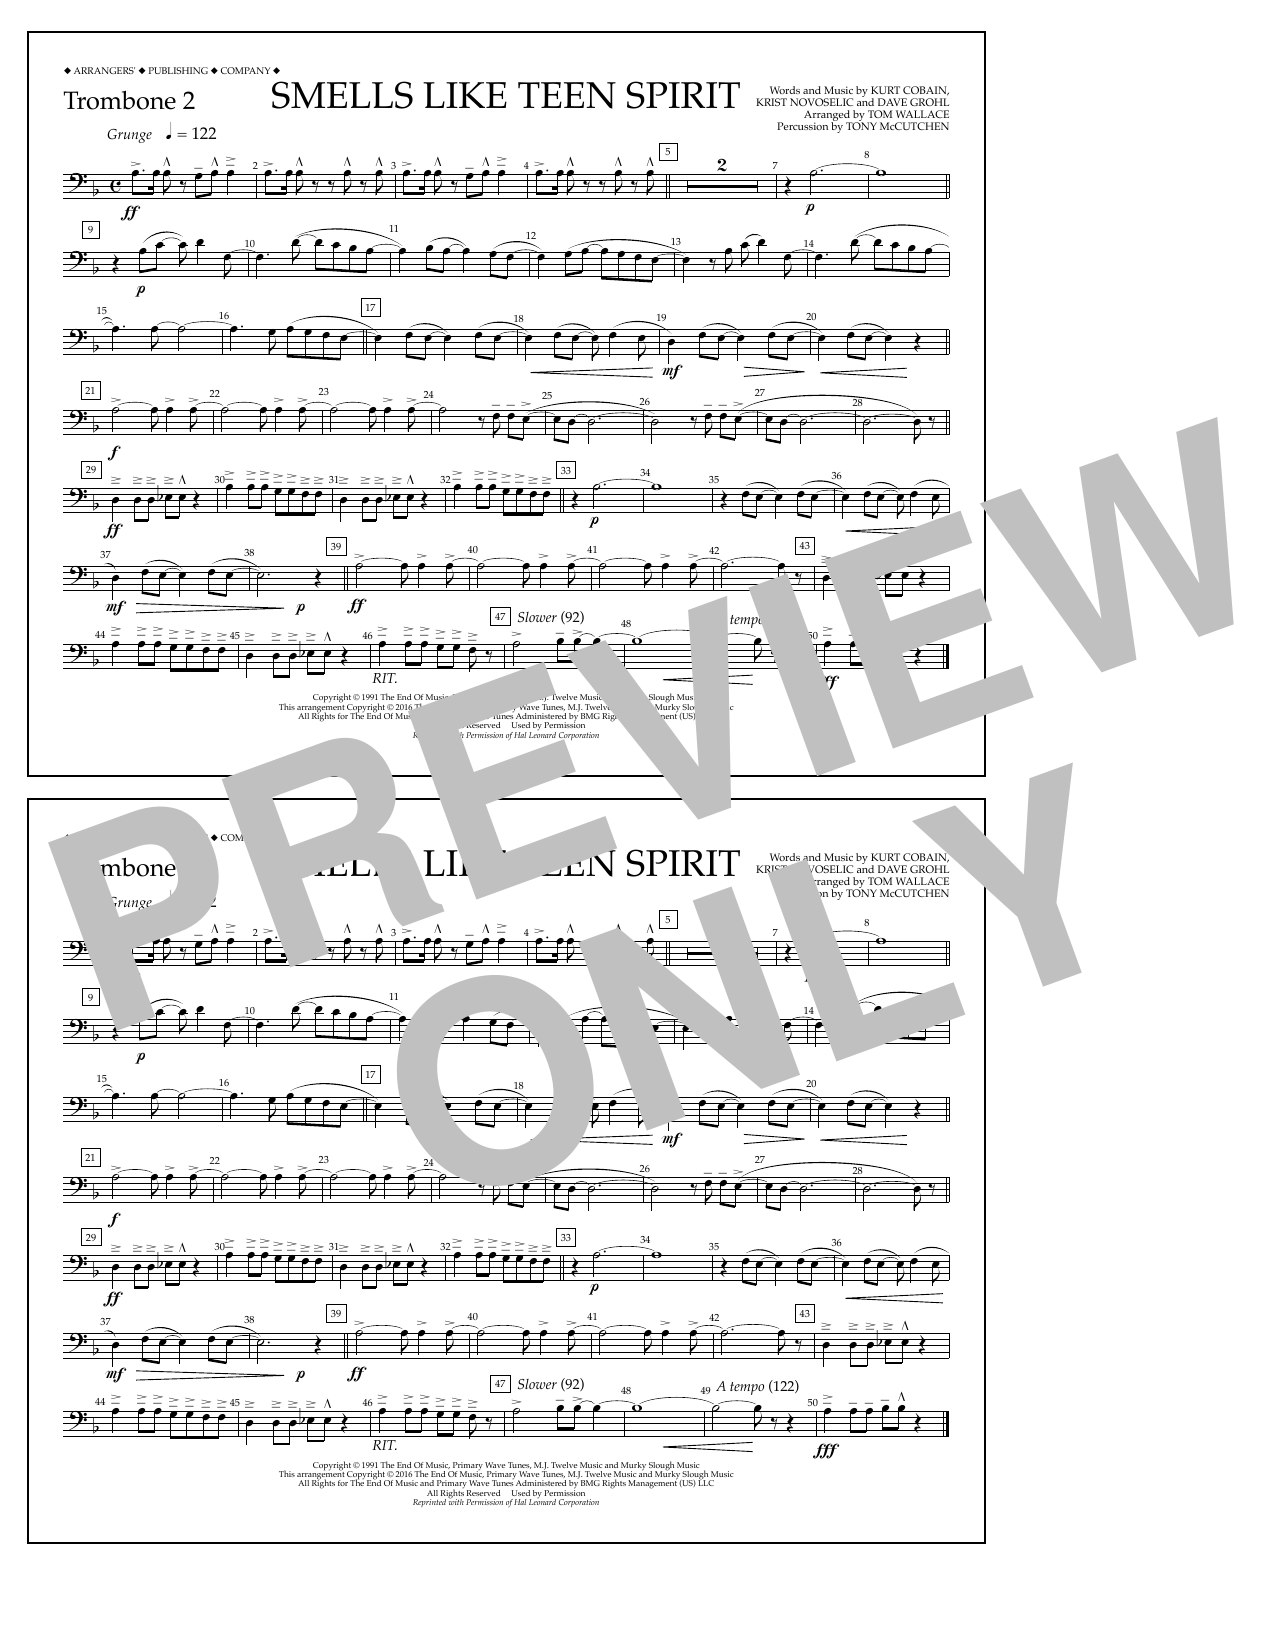 Nirvana - Smells Like Teen Spirit - Trombone 2